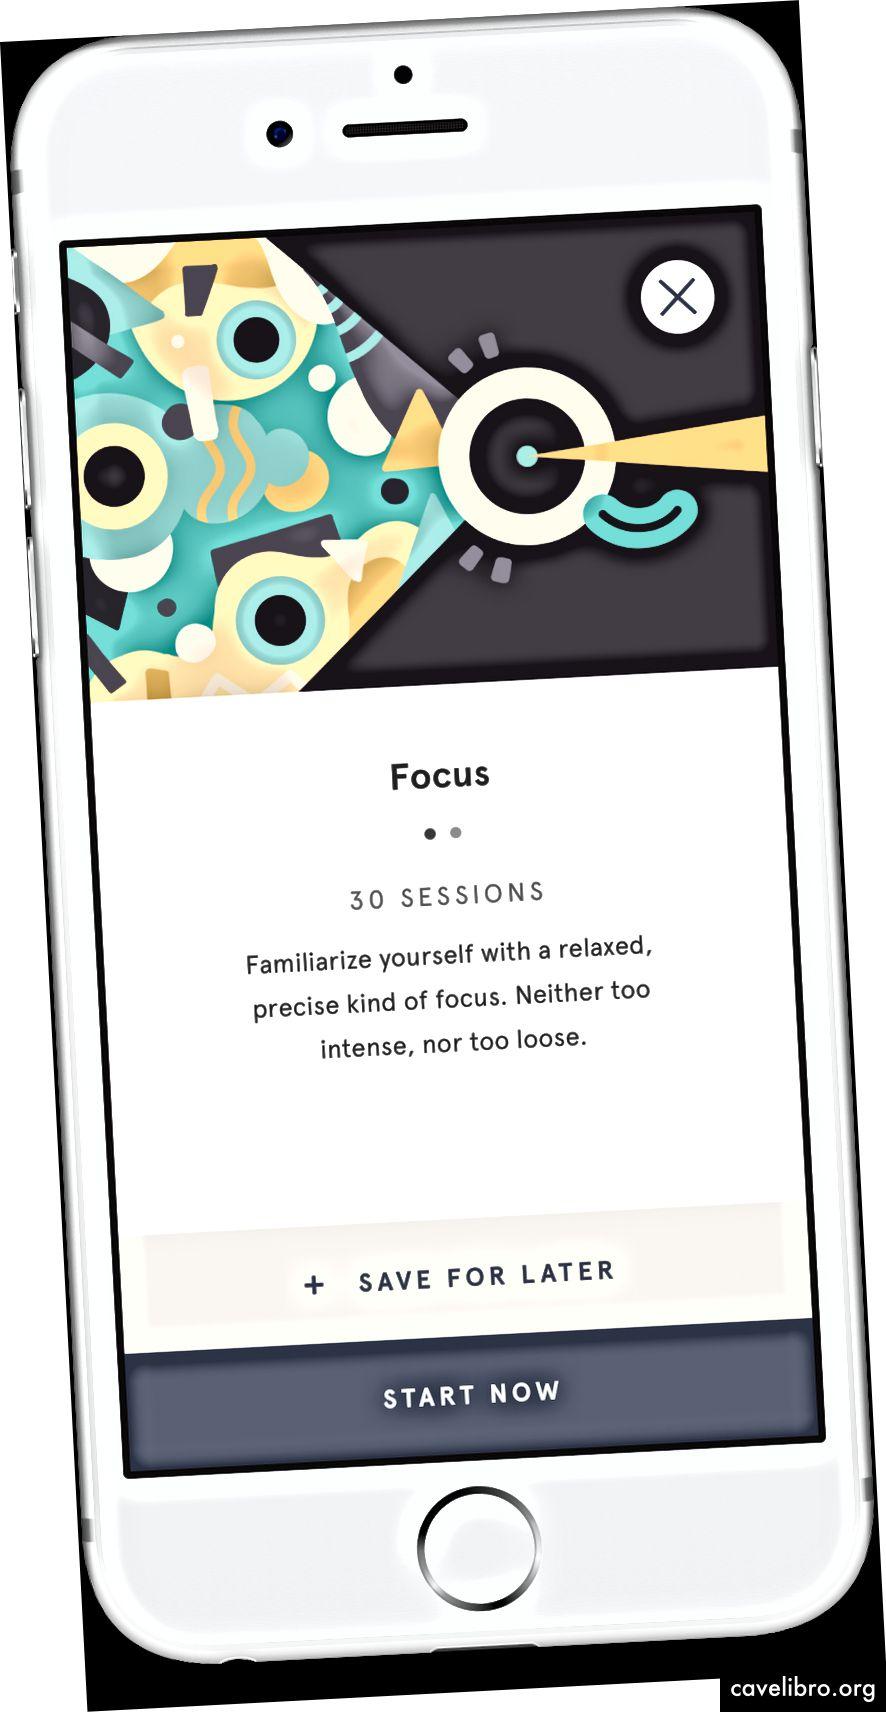 Ảnh chụp màn hình của gói Focus trong ứng dụng Headspace. Nguồn hình ảnh: https://www.headspace.com/press-and-media